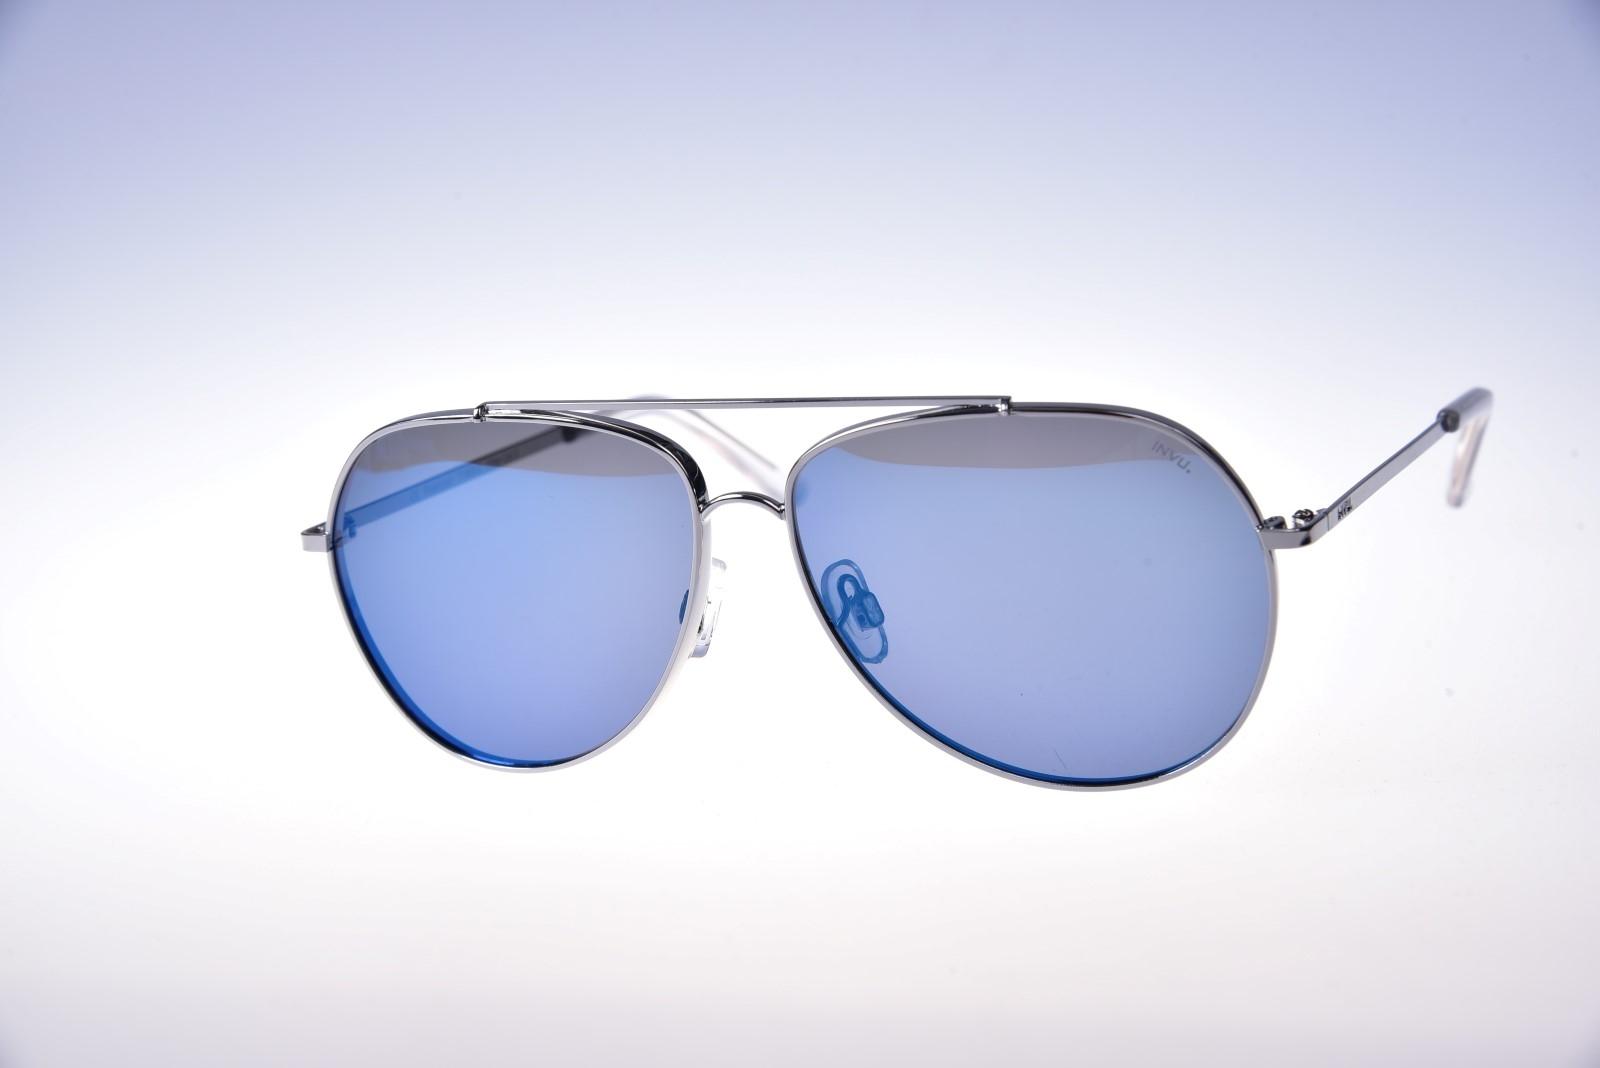 INVU. Trend T1909C - Pánske slnečné okuliare